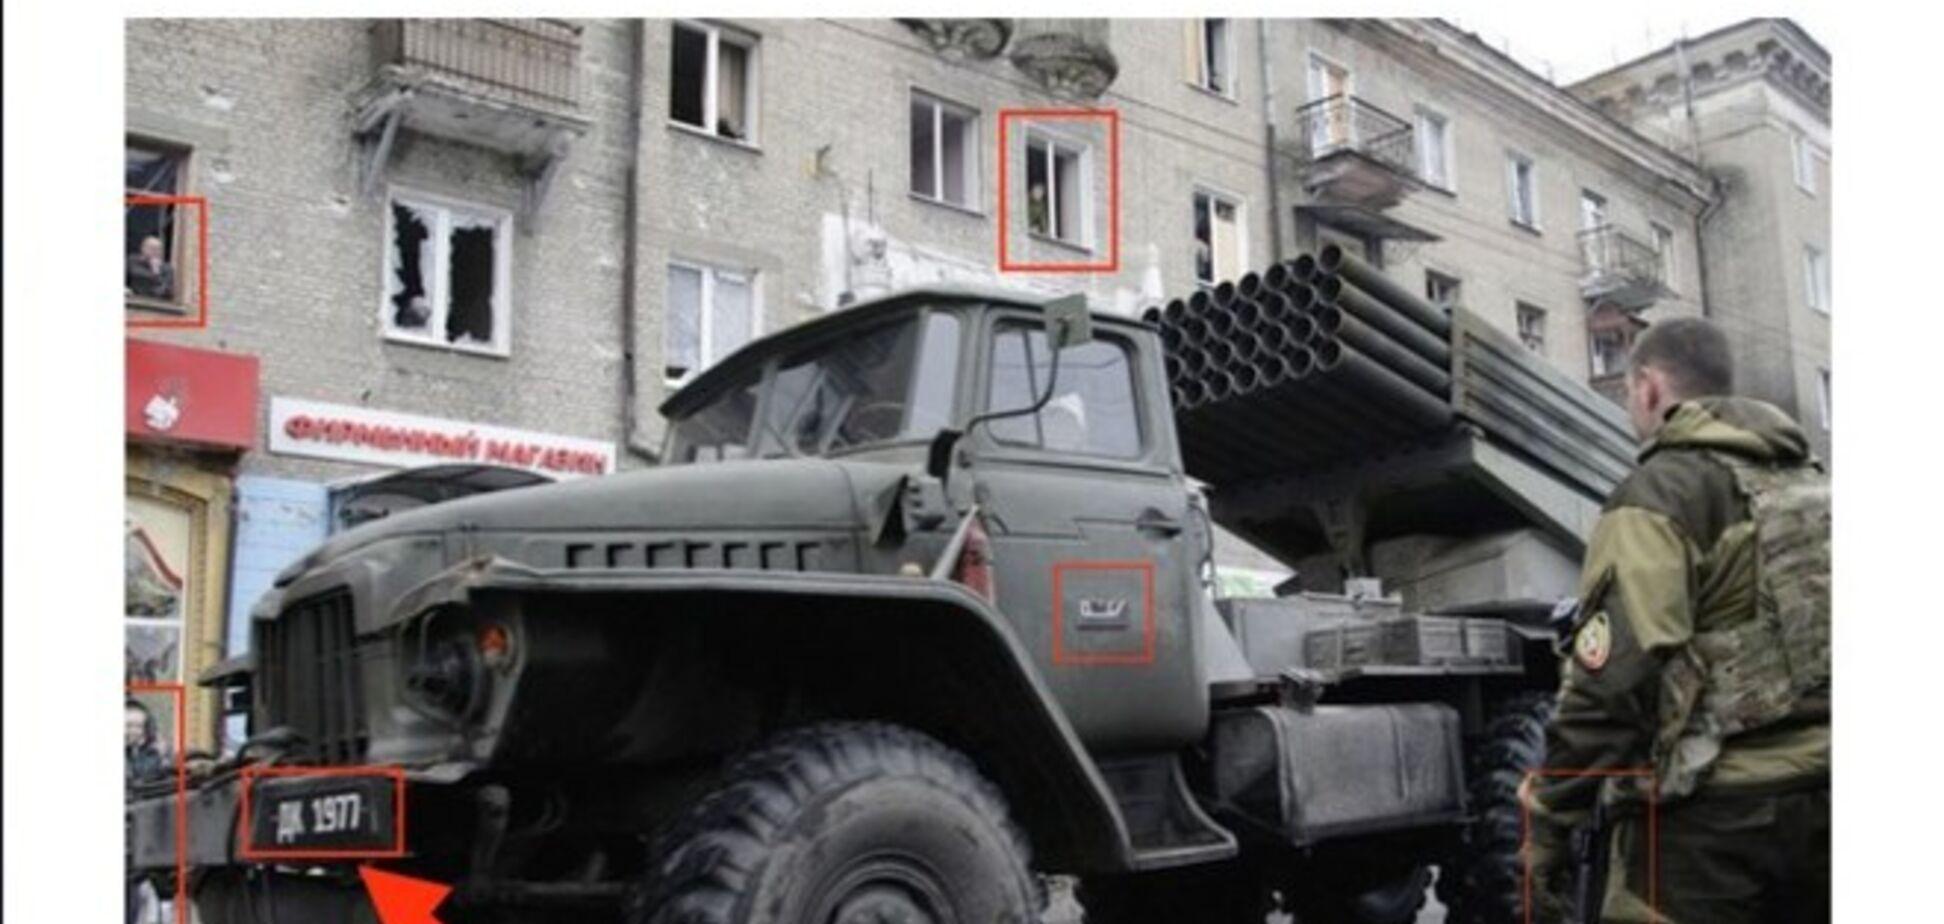 В Донецке боевики 'ДНР' показали 'Град', модель которого есть на вооружении только России: фото и видеофакт